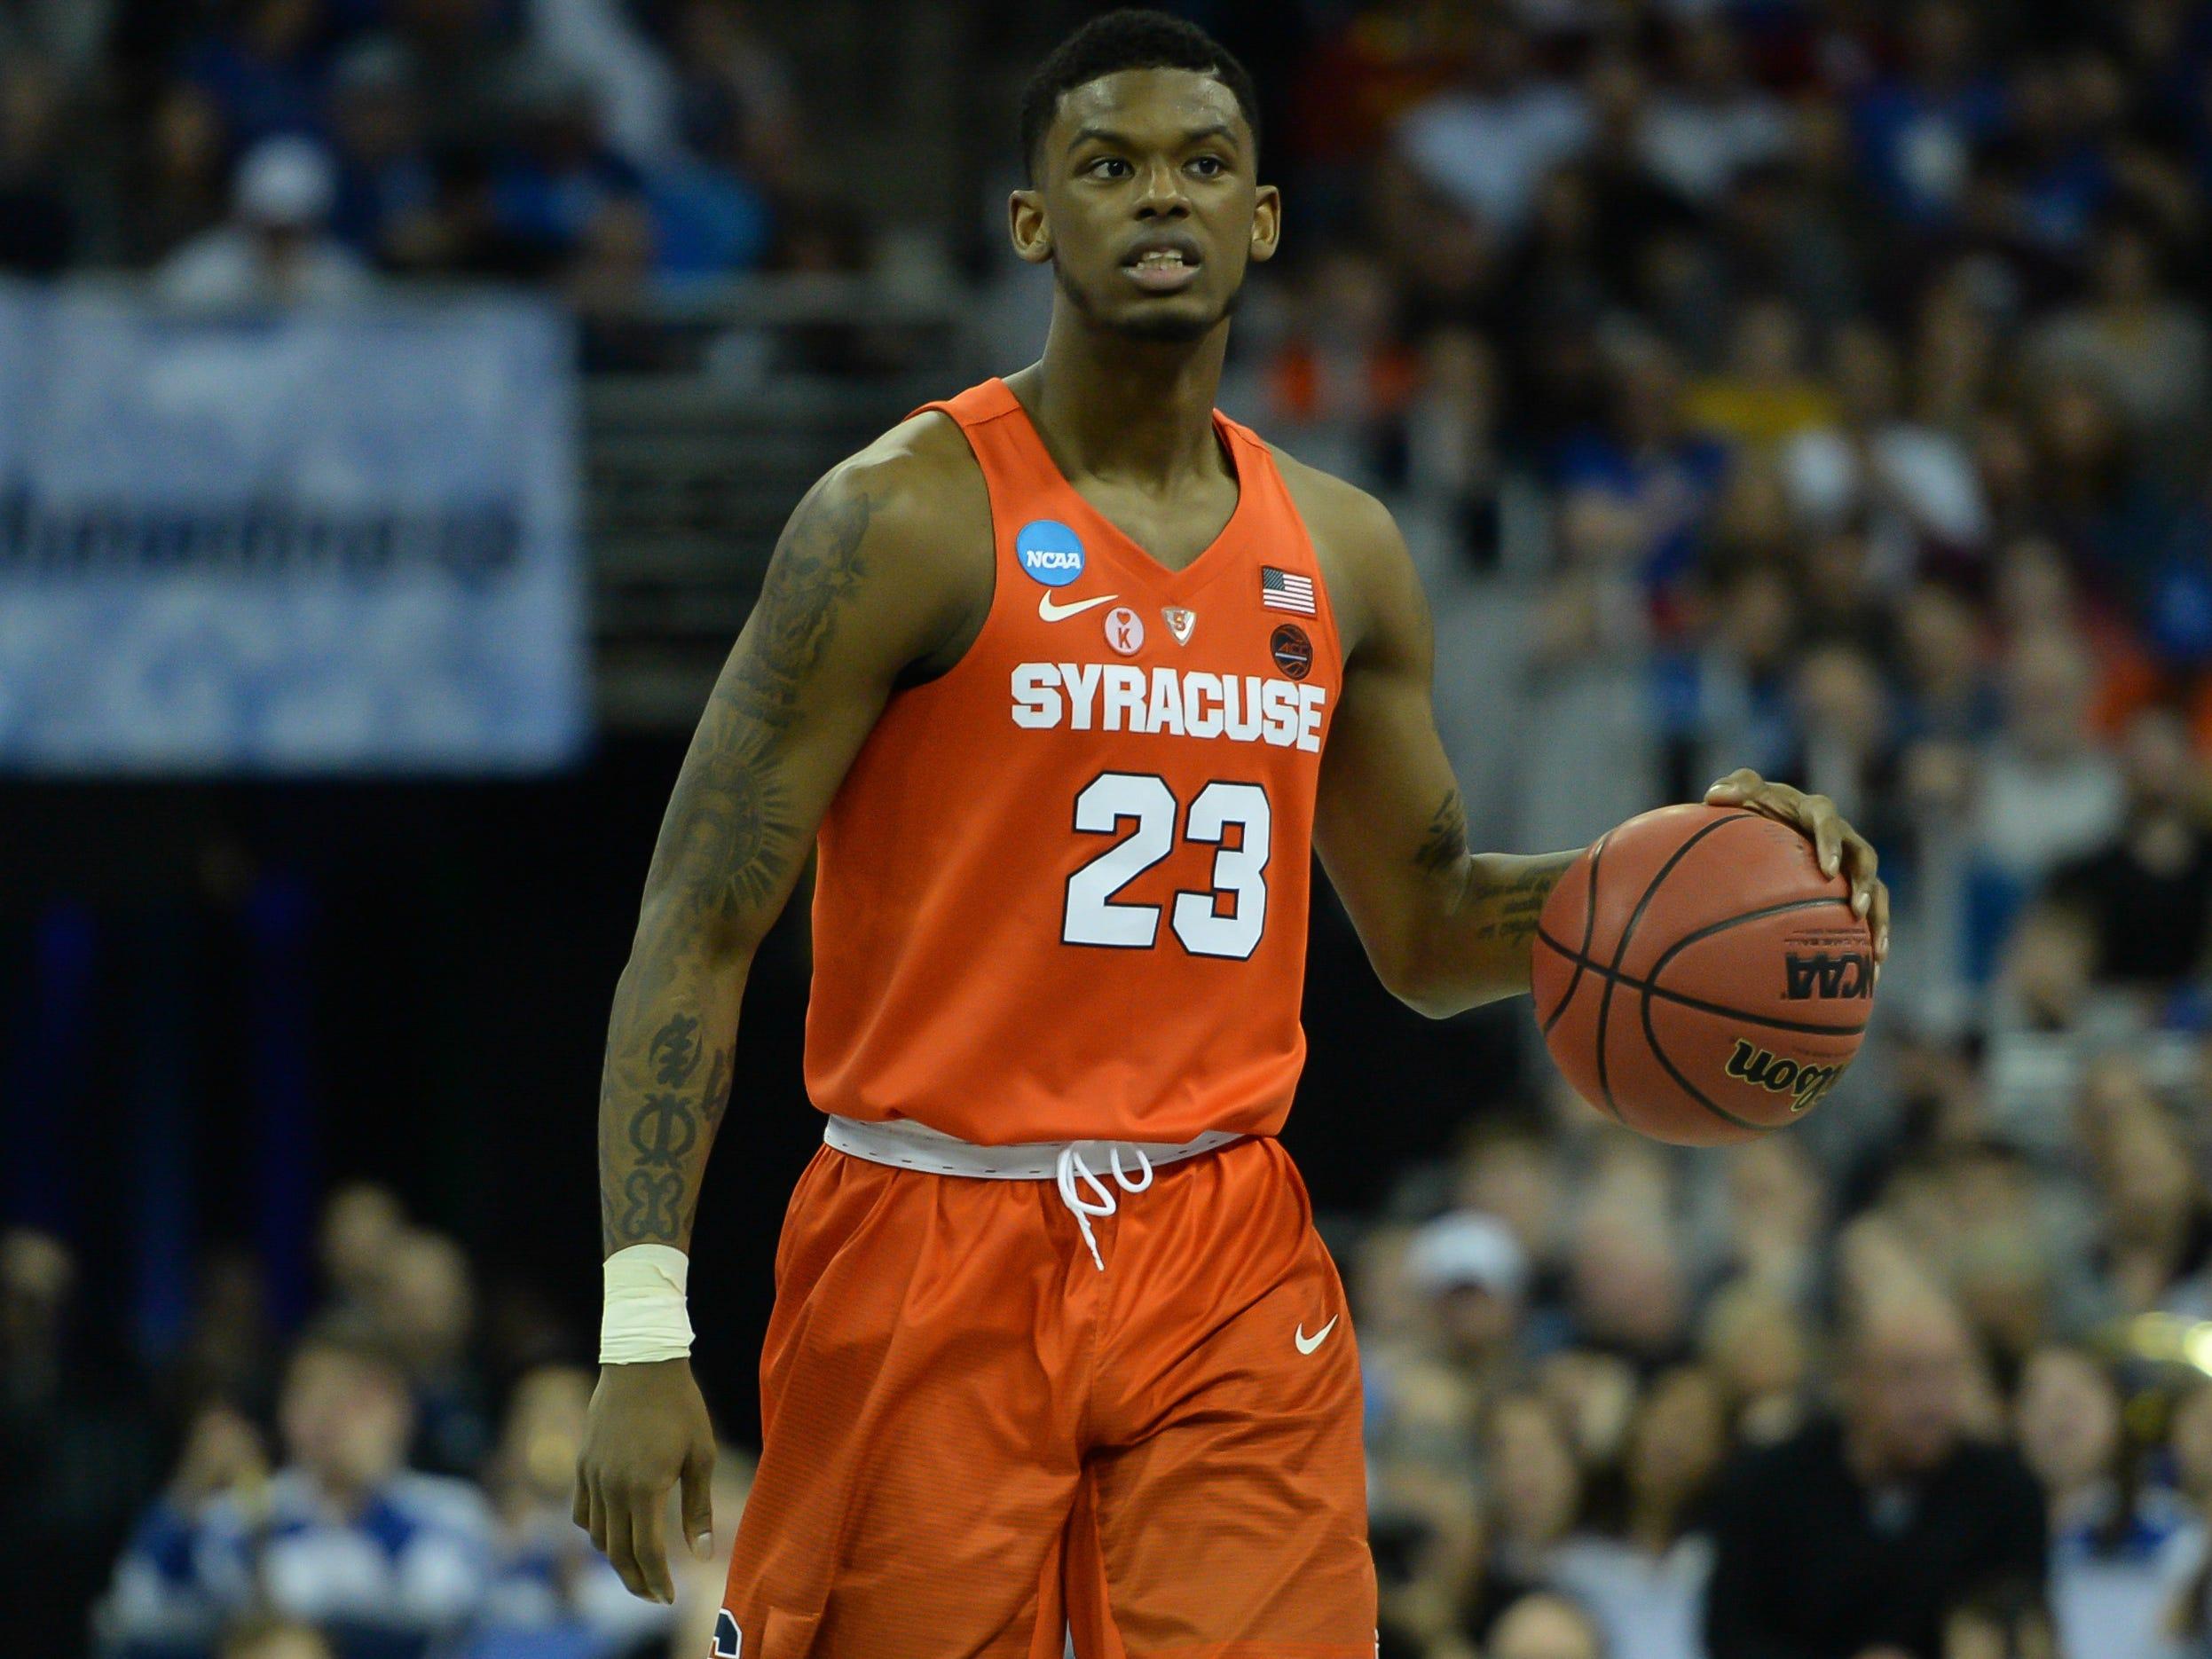 No. 14 Syracuse (23-14 in 2018-18).